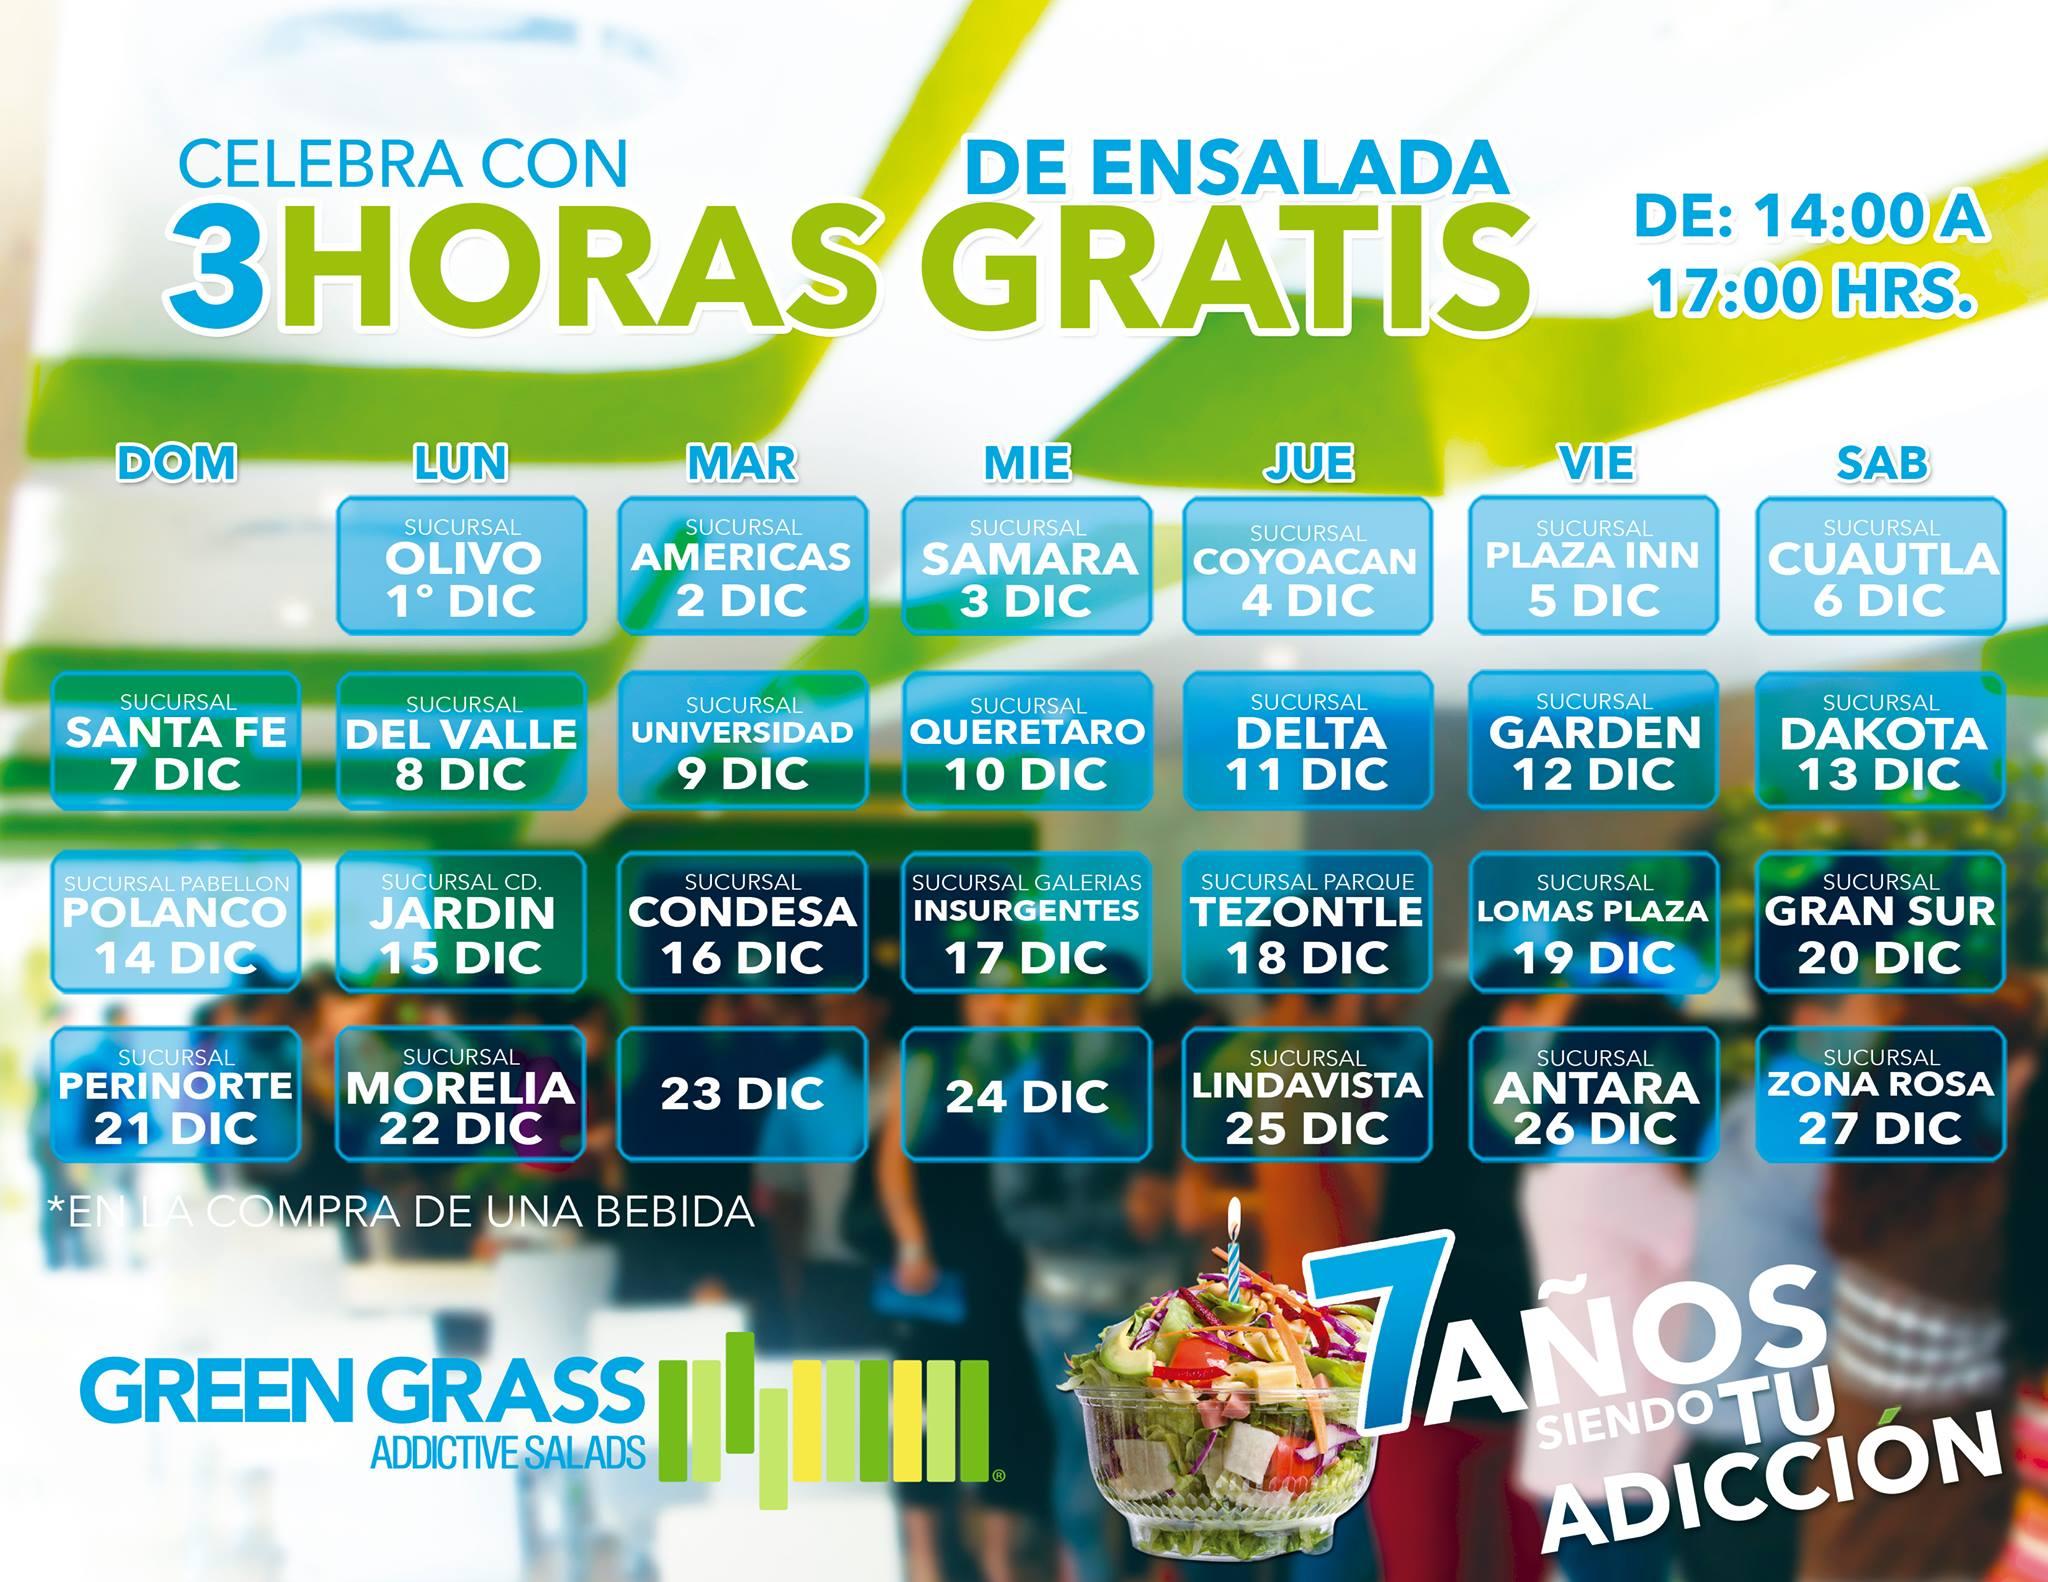 Restaurantes Green Gras: 3 hrs. de ensalada gratis comprando bebida.